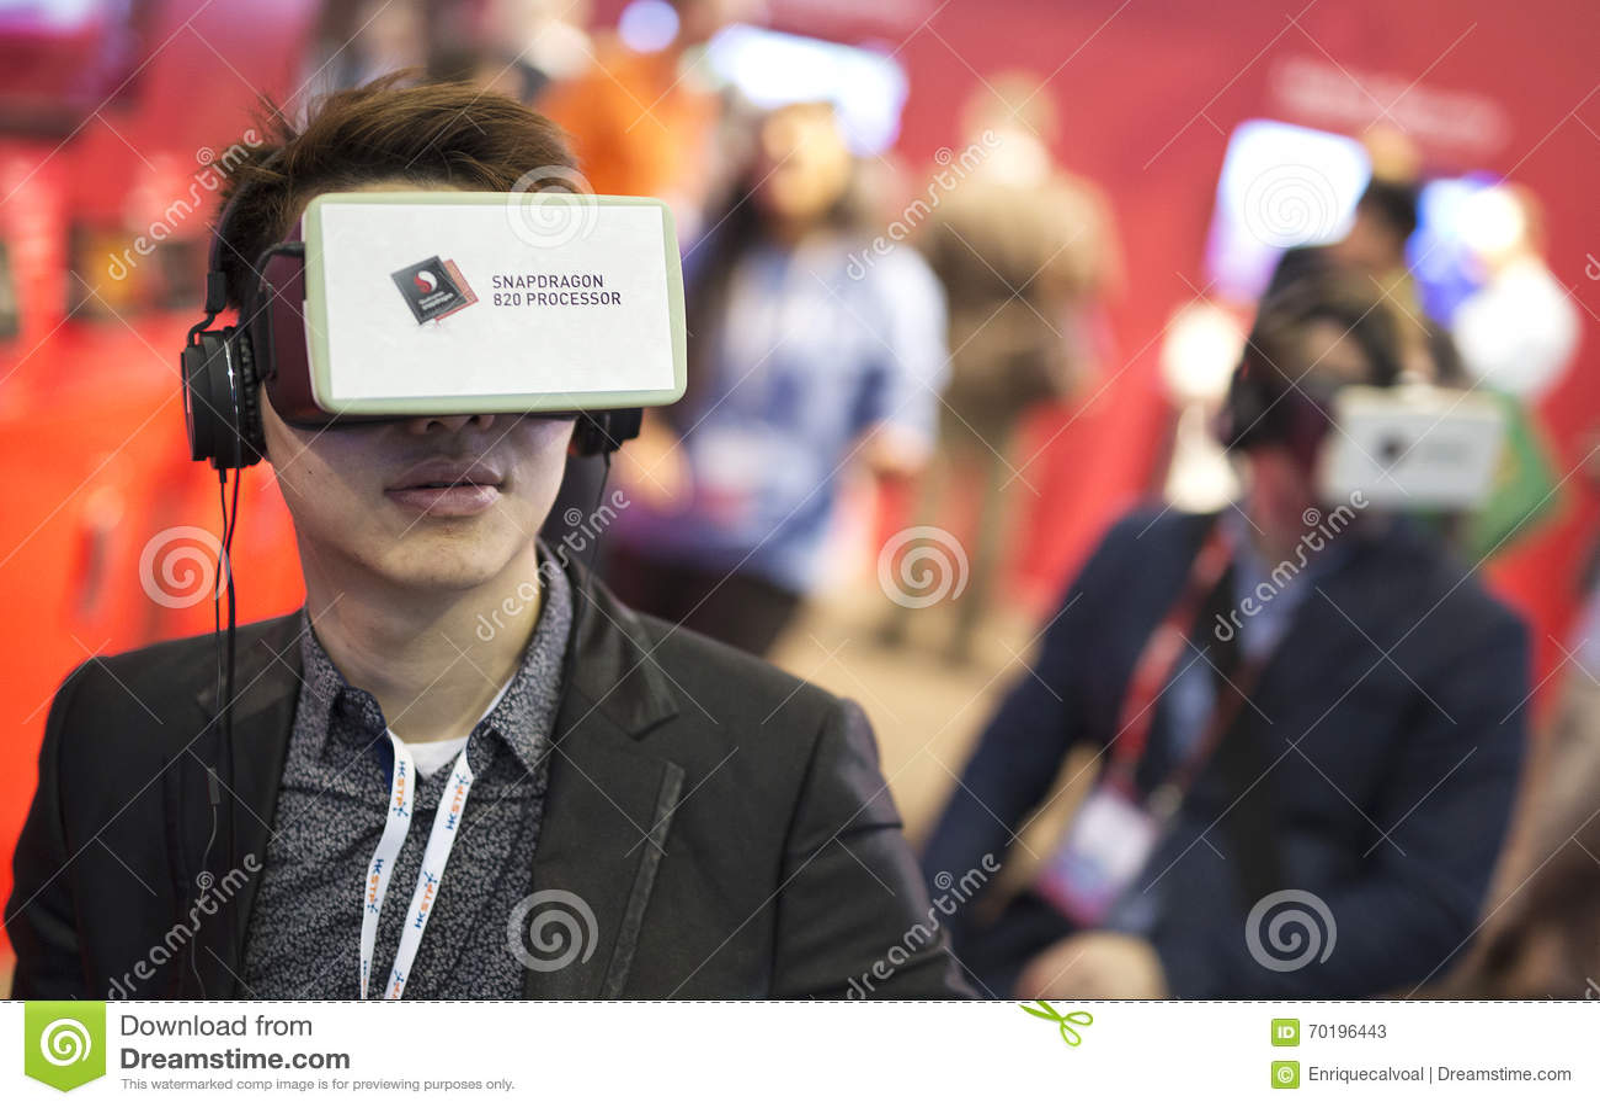 Virtuell verklighet eller ökade apparater